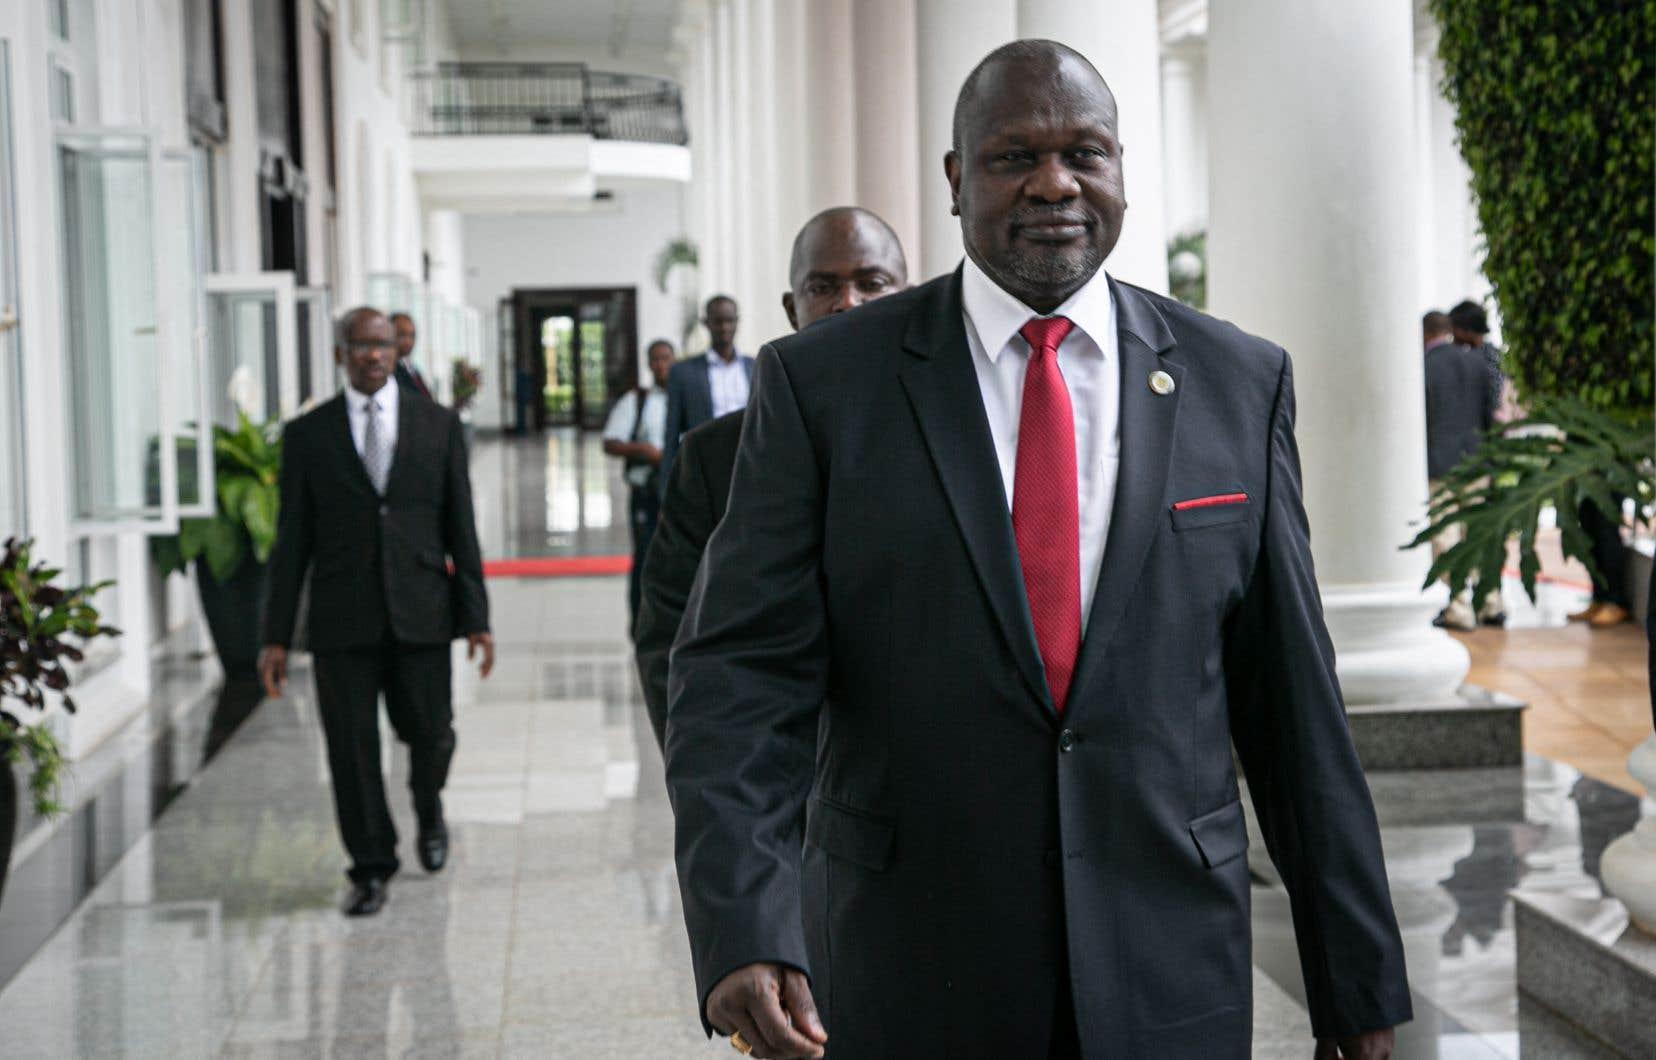 Riek Machar est le principal opposant au président Salva Kiir, opposition qui a mené à une sanglante guerre civile entre 2013 et 2018 et qui a fait près de 400000 morts et des millions de déplacés.